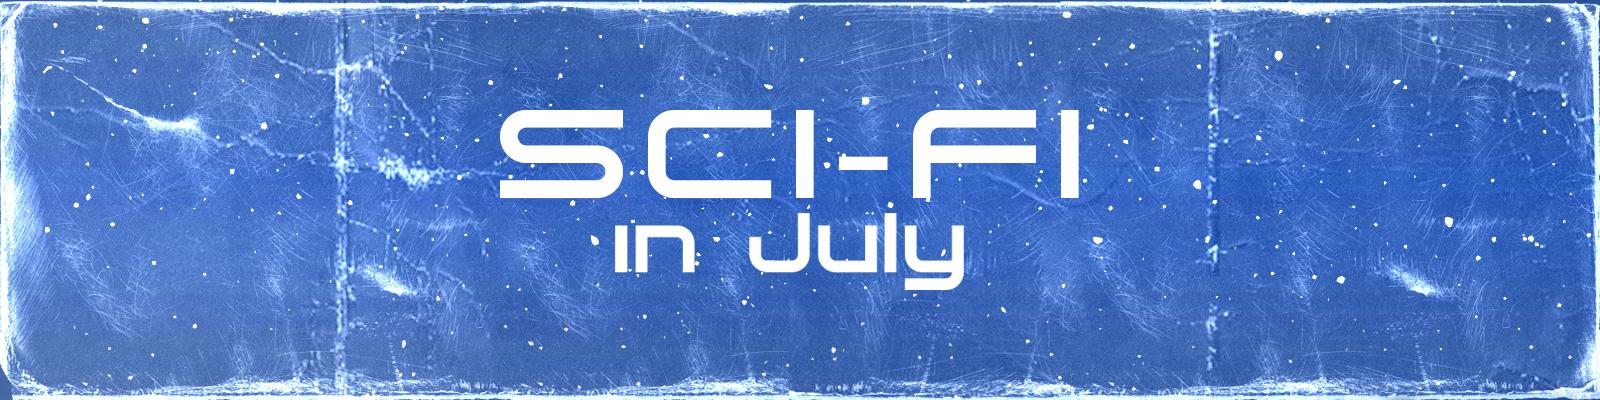 Sci-Fi in July